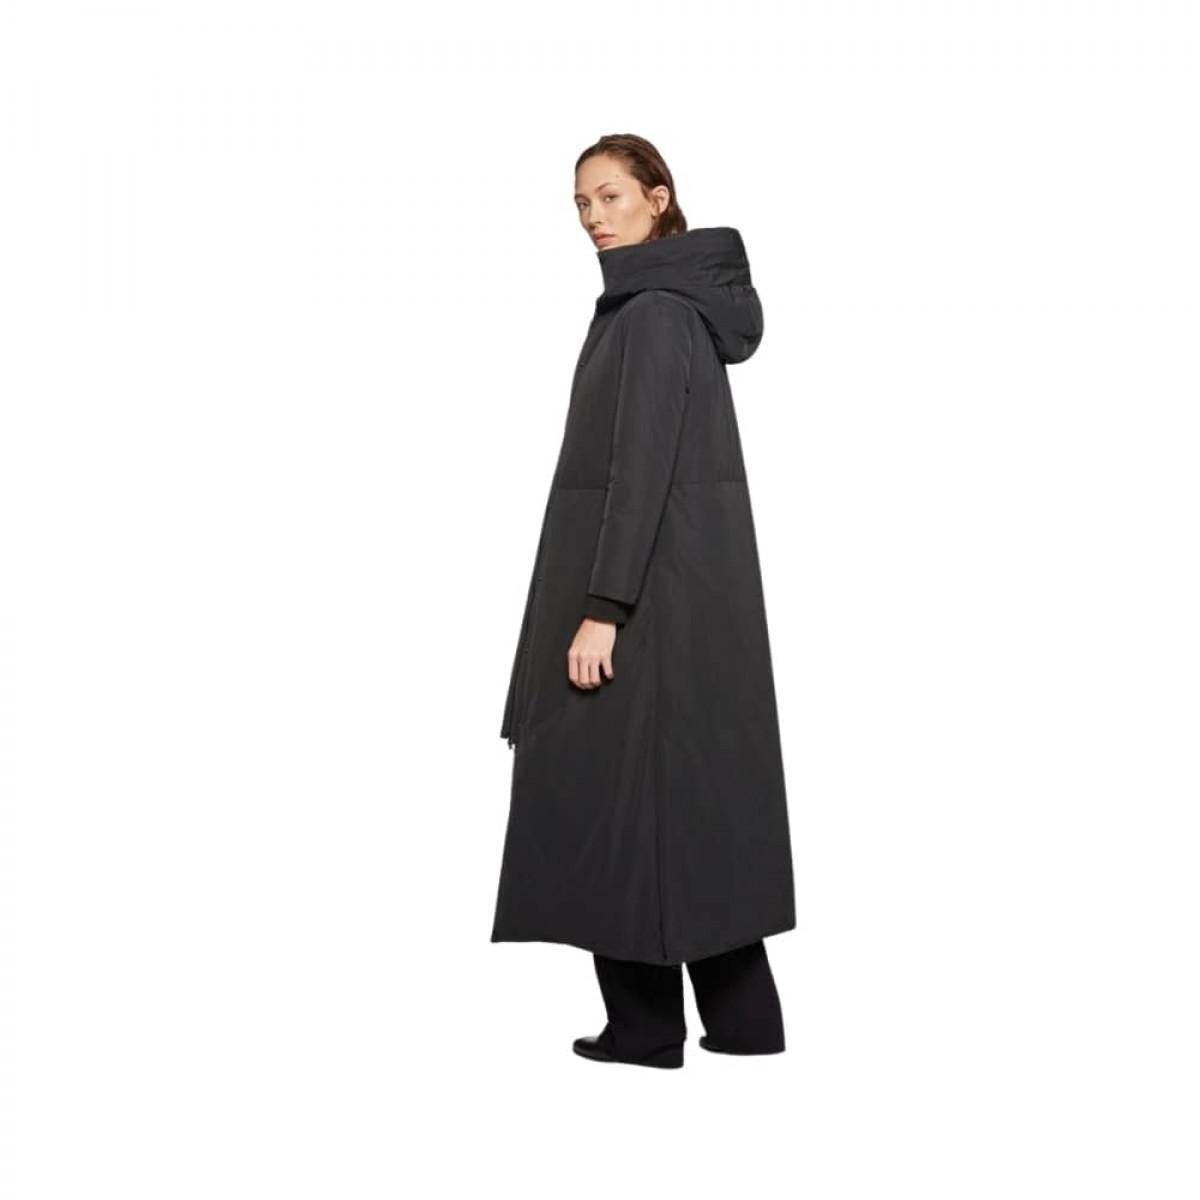 aspesi frakke - black - model fra siden